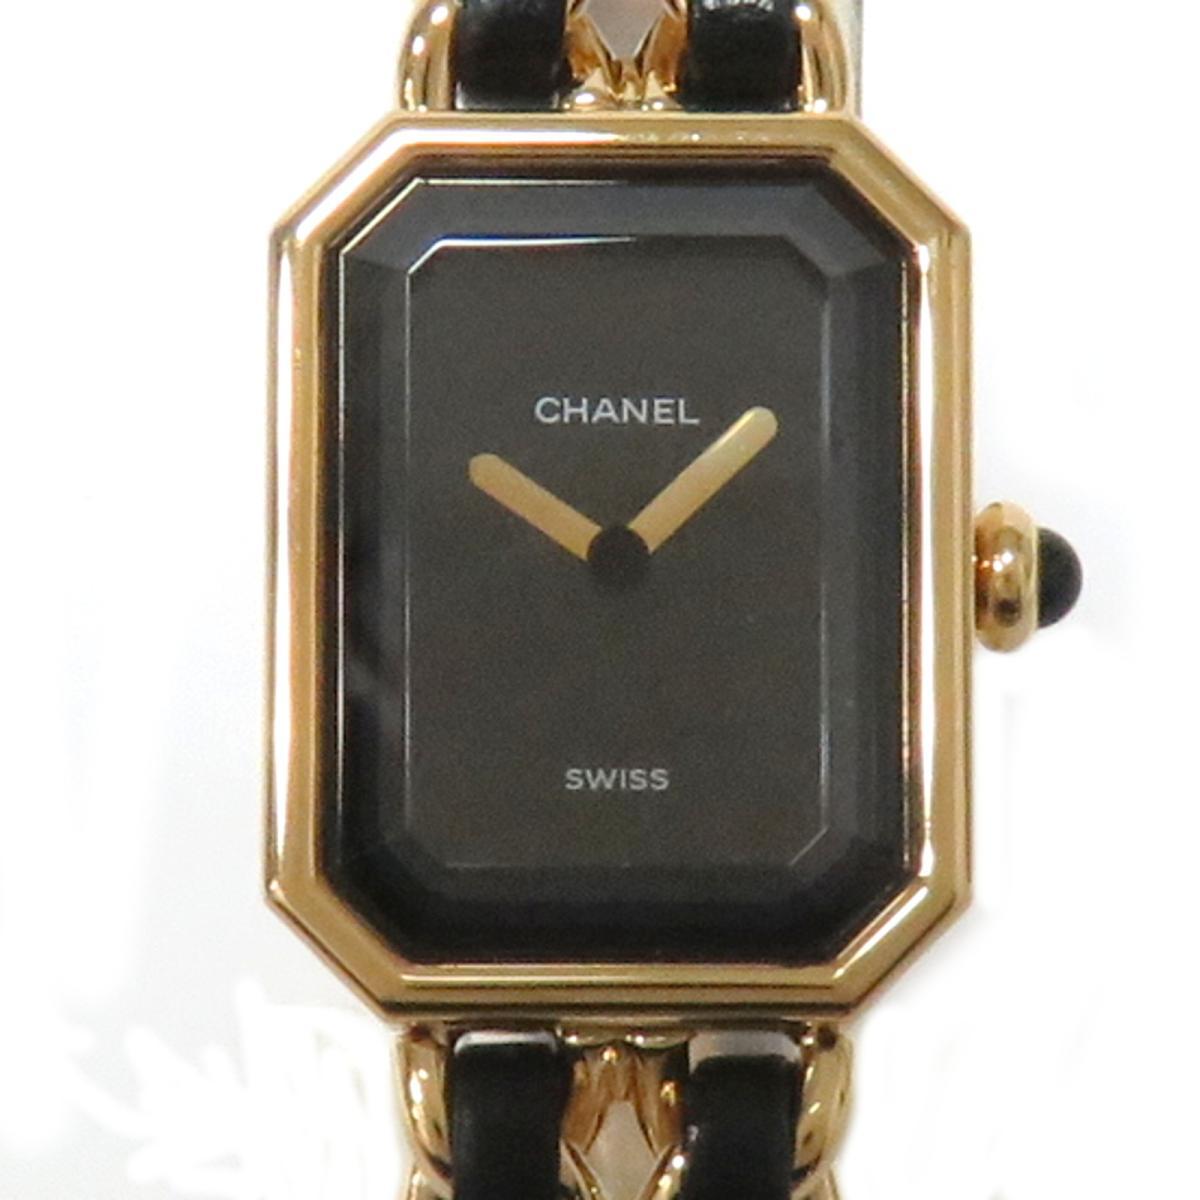 【中古】 シャネル プルミエールL レディース 腕時計 GP/レザー (H0001) | CHANEL BRANDOFF ブランドオフ ブランド ブランド時計 ブランド腕時計 時計 ウォッチ